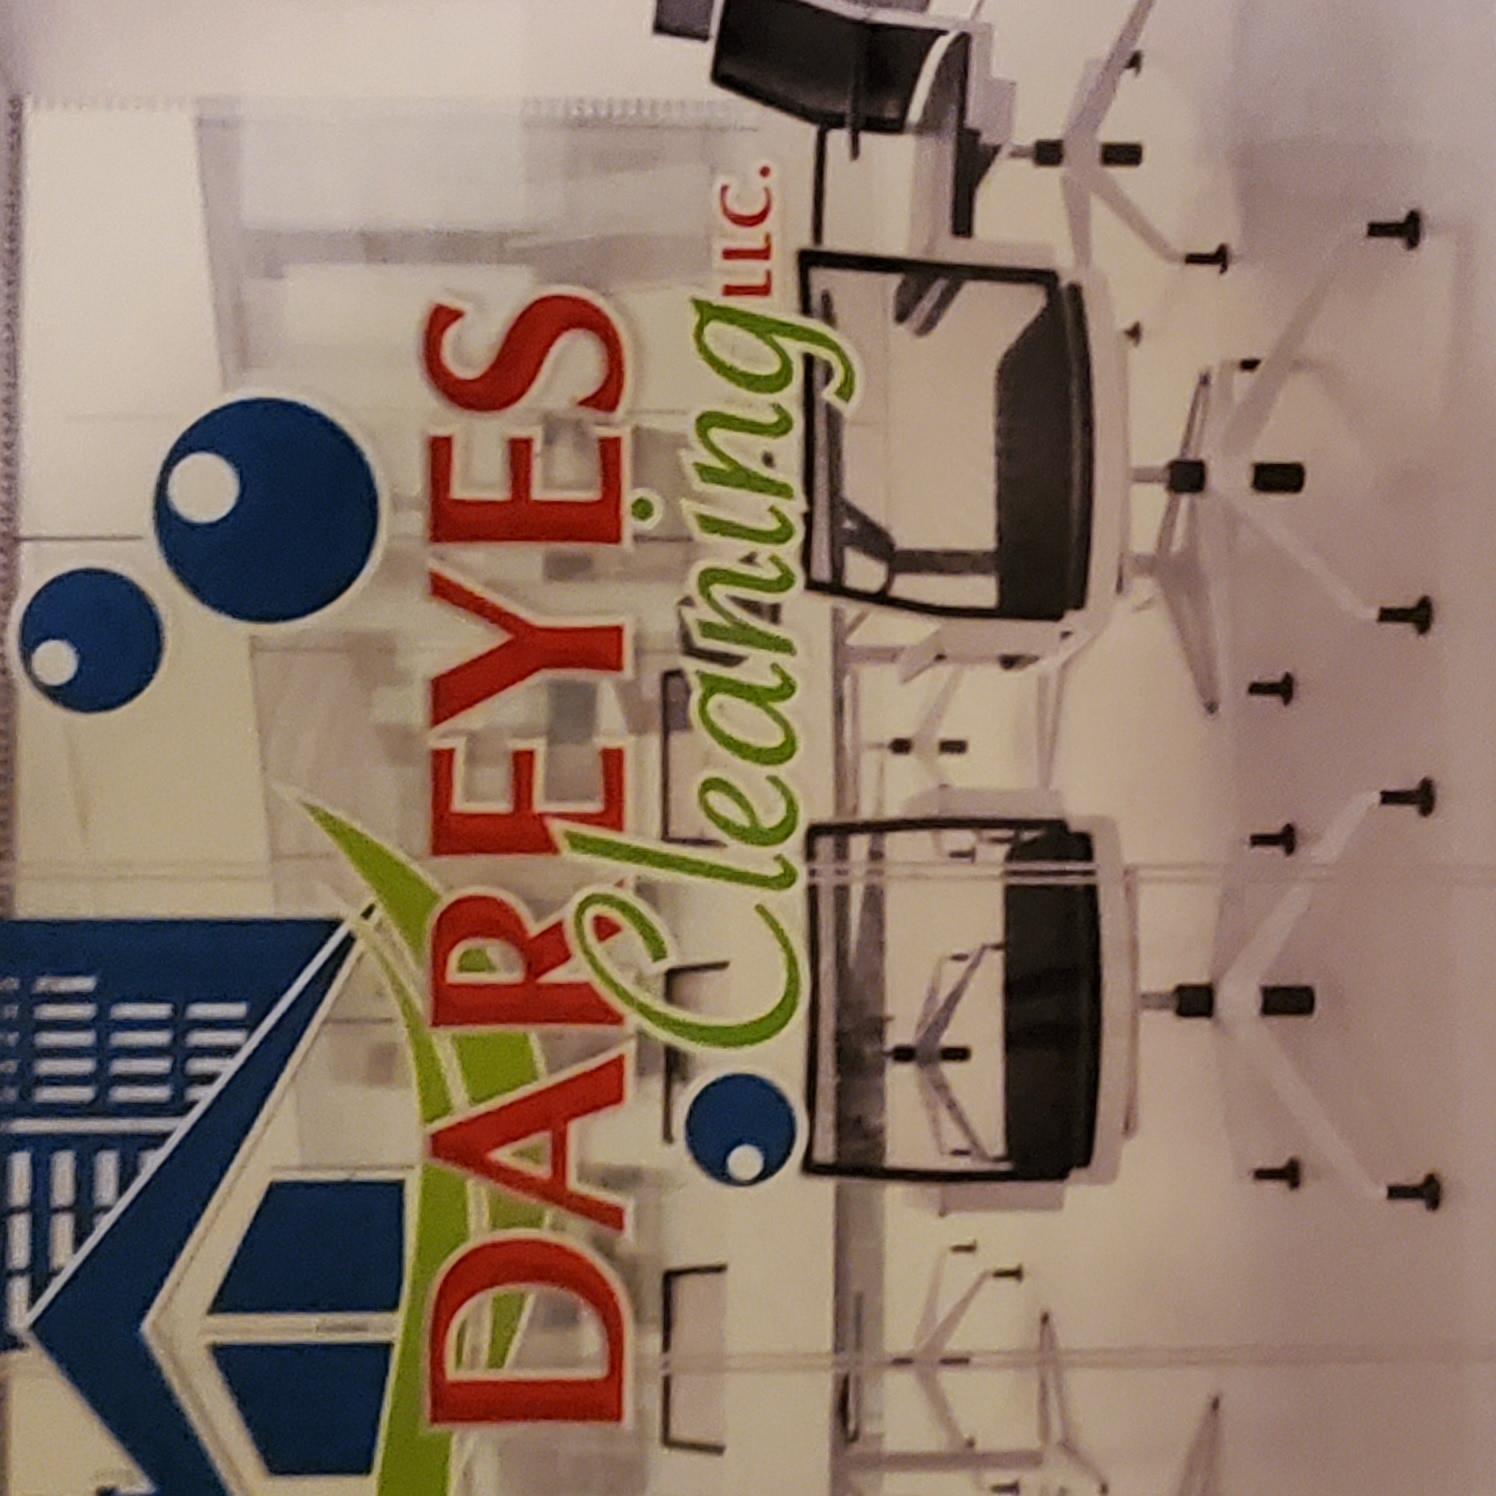 DAREYES CLEANING LLC.